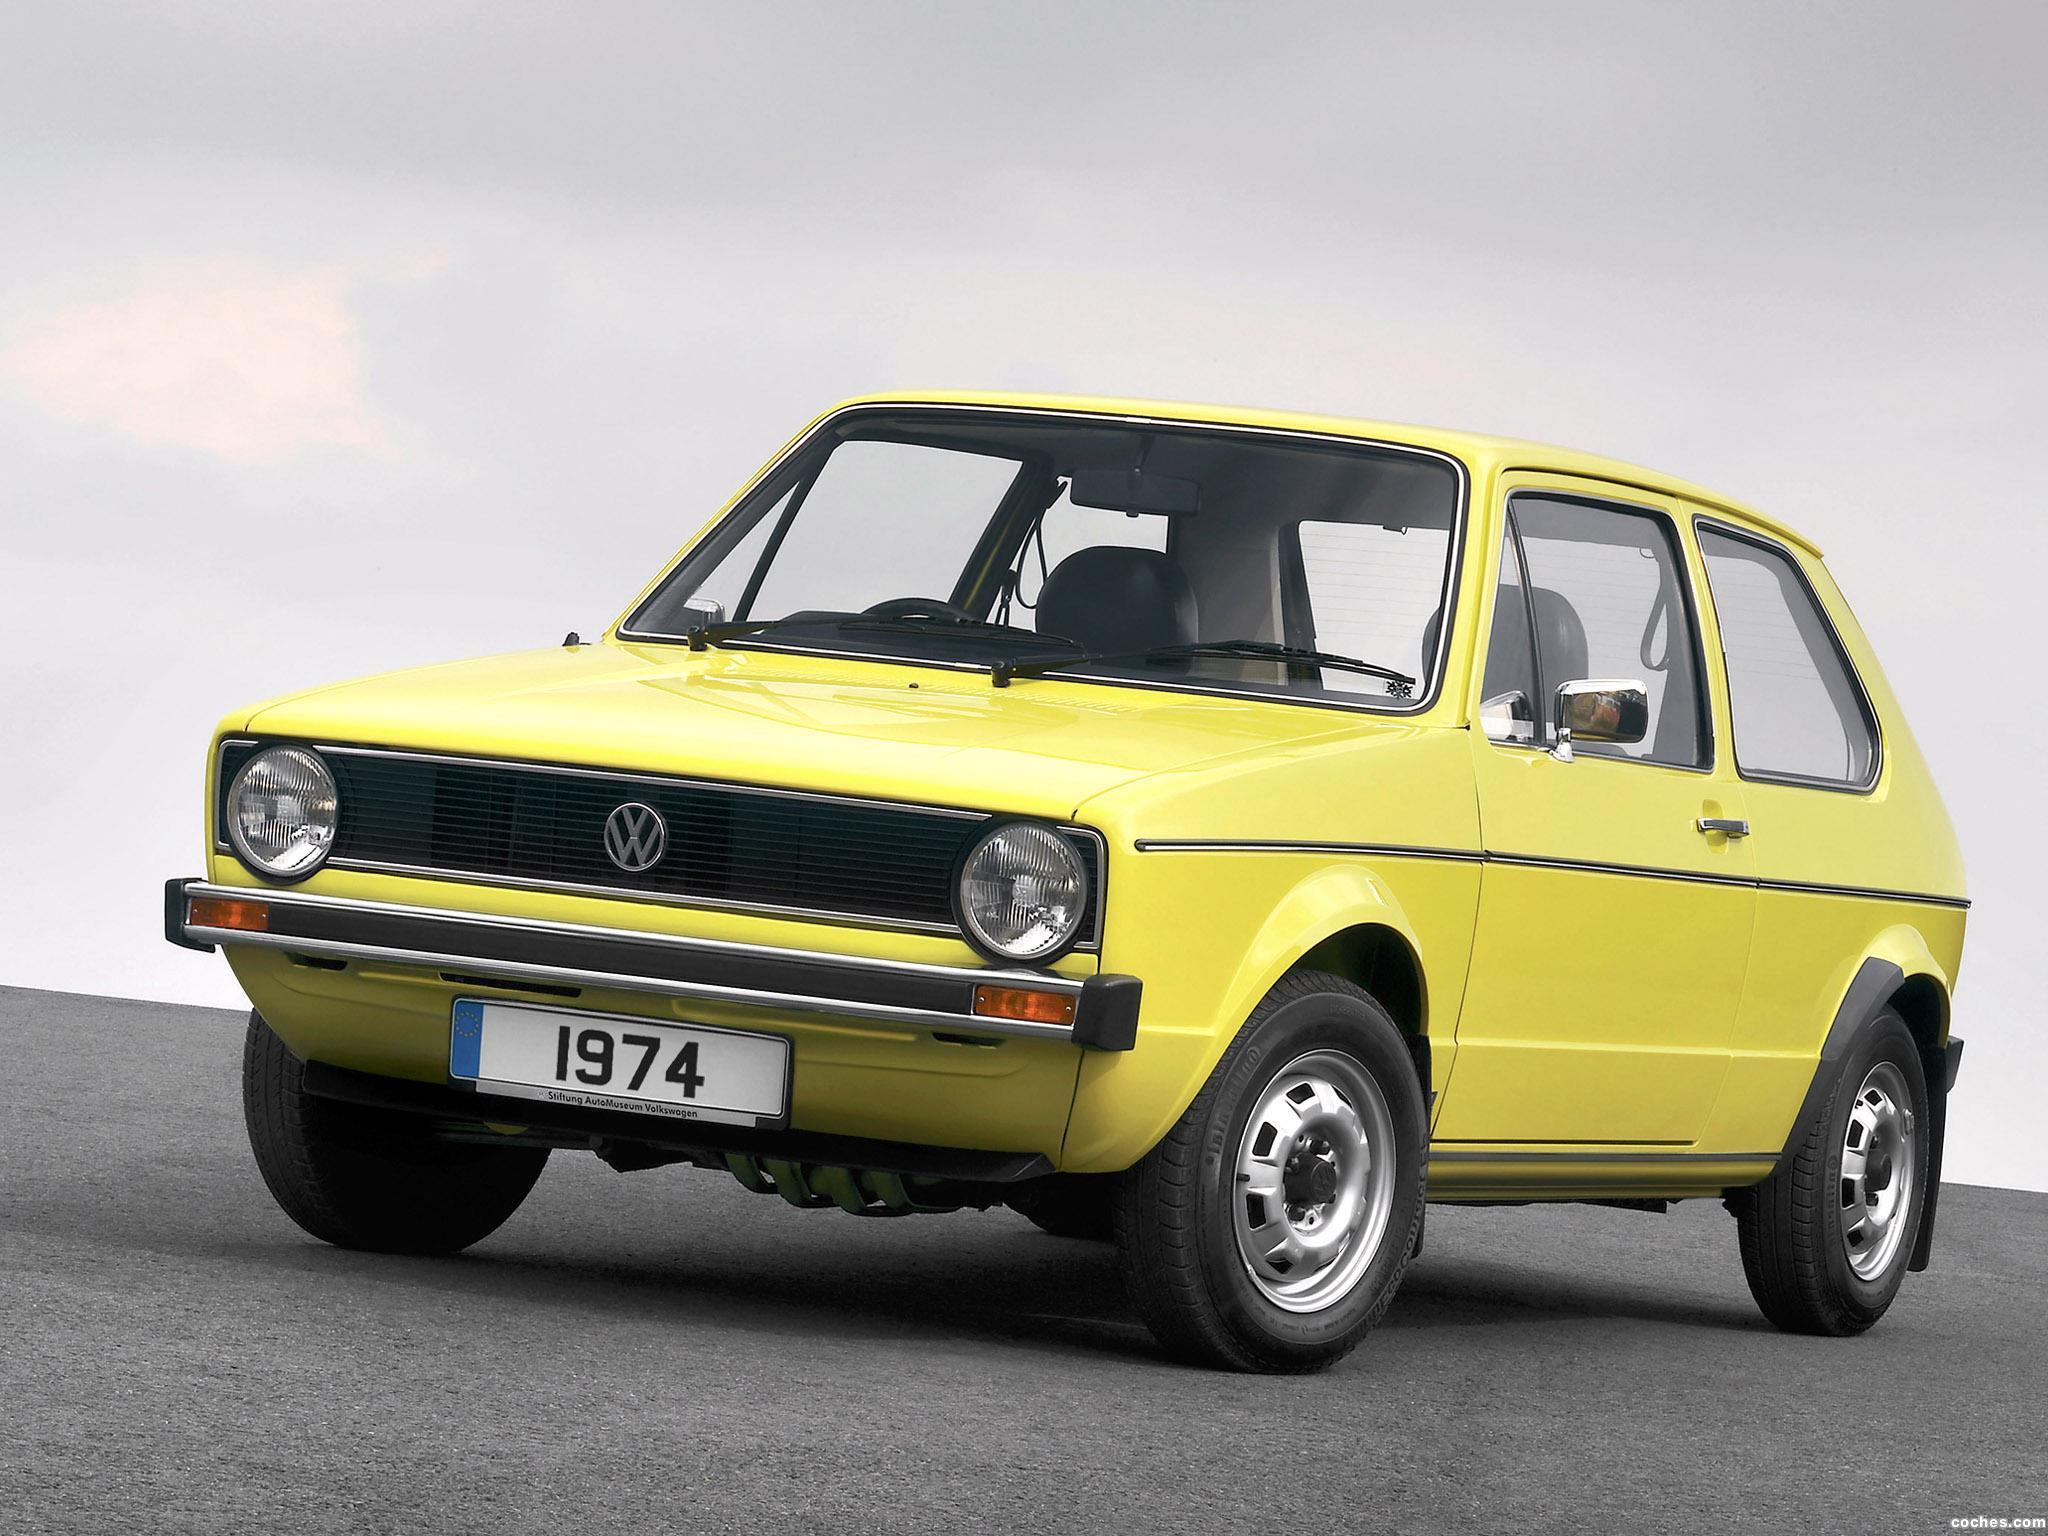 Foto 0 de Volkswagen Golf I 3 puertas 1974